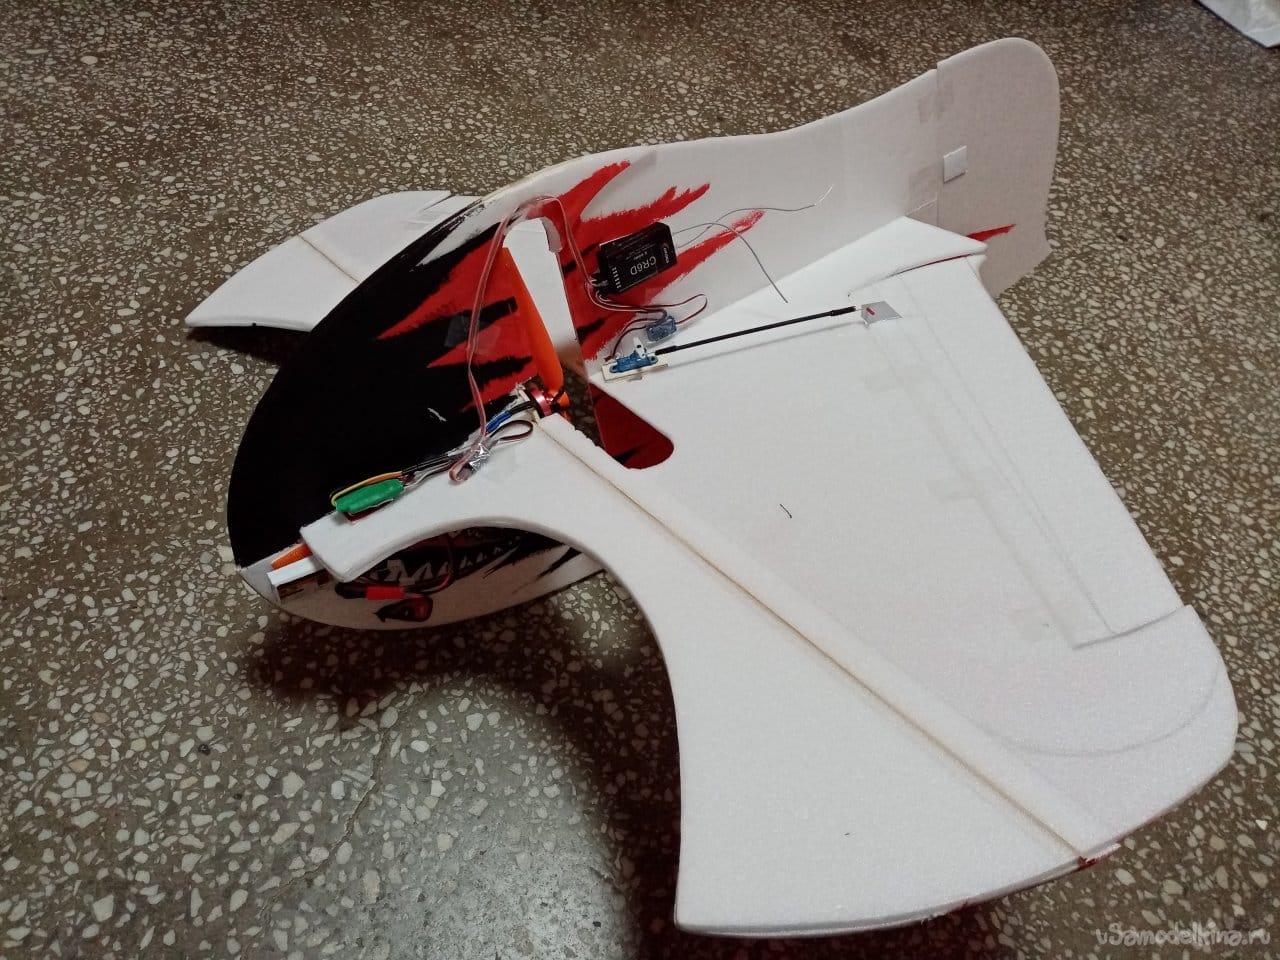 Авиамодель: Злое крылышко